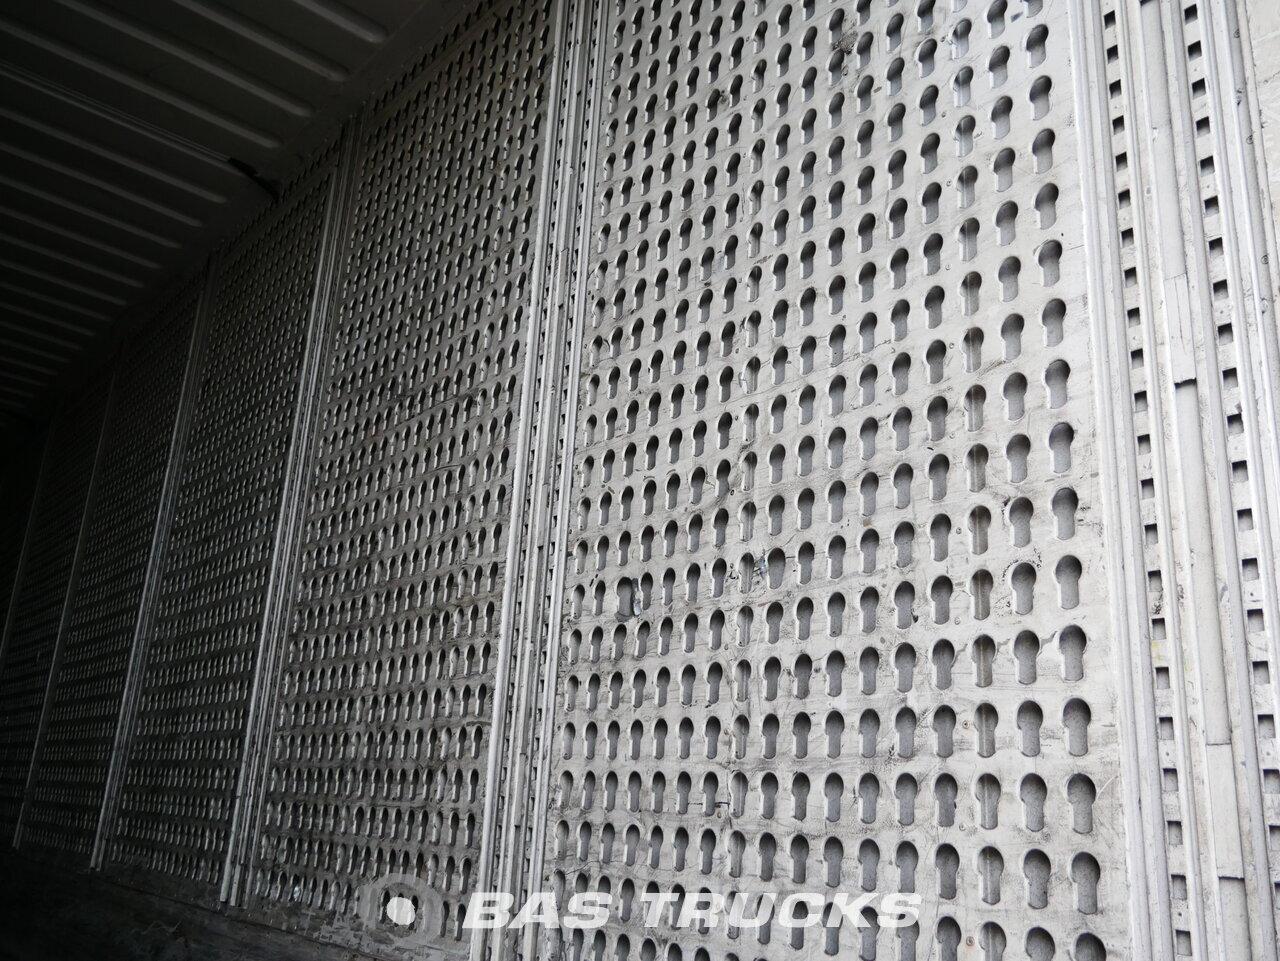 foto di Usato Semirimorchio Krone Textil-Confectie-Kleider Palettenkasten SD assi 2011